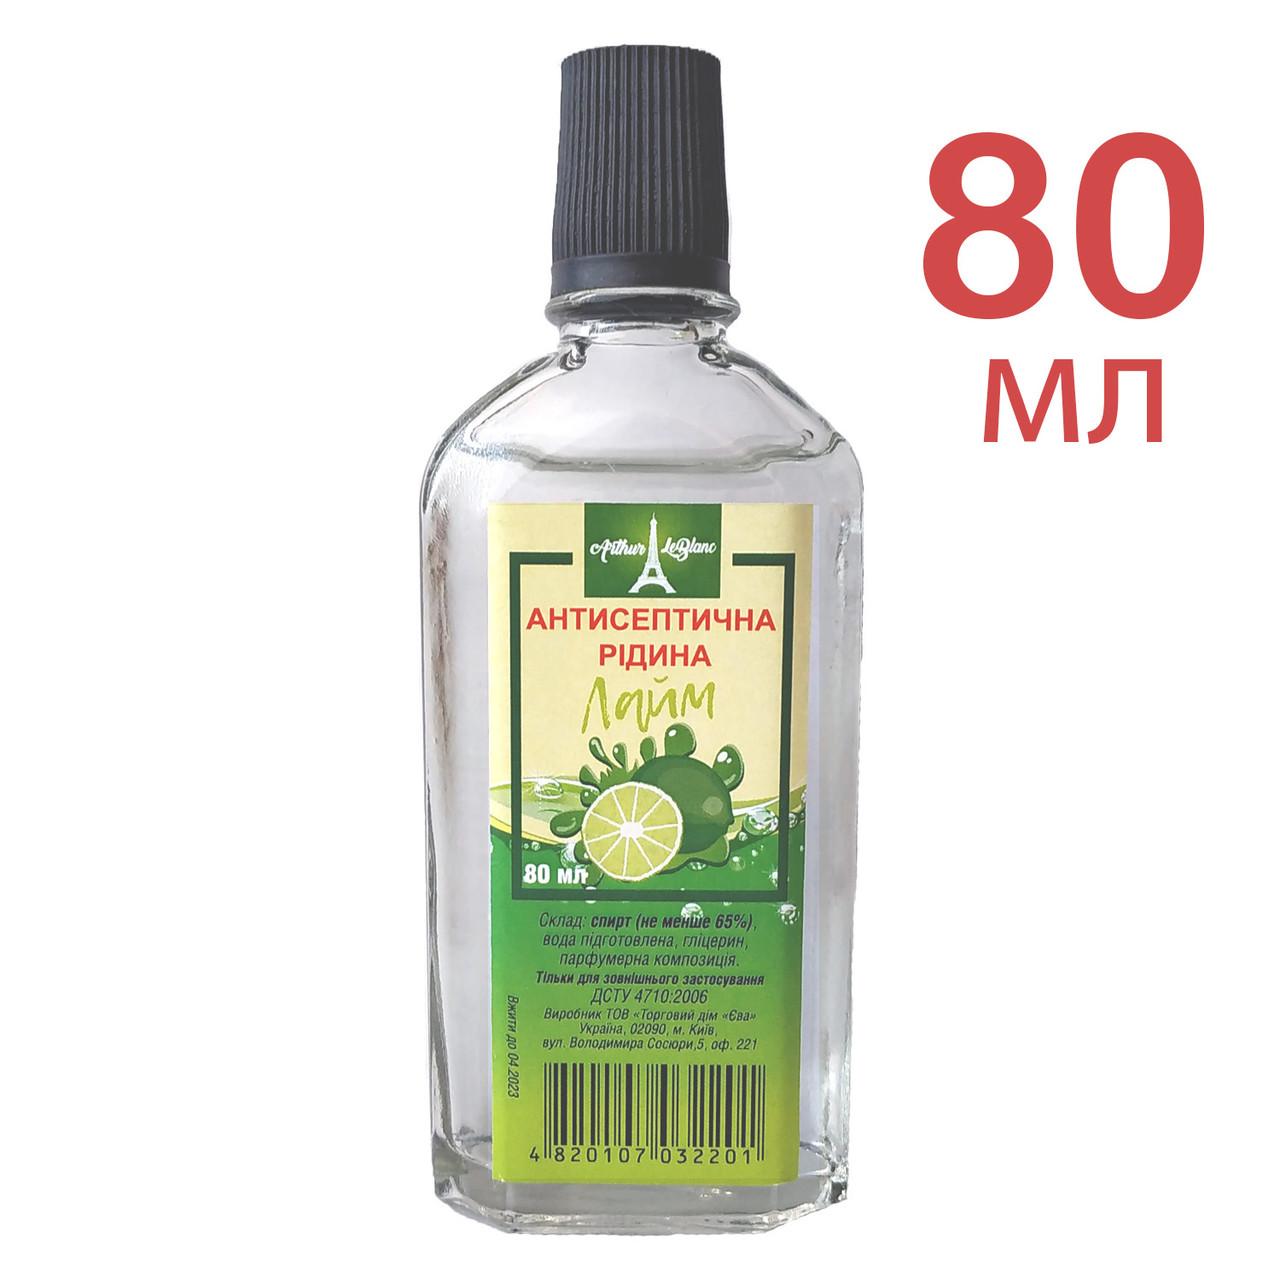 Антисептическая жидкость для рук Eva Cosmetics Arthur LeBlanc Лайм 80 мл (4820107032201)